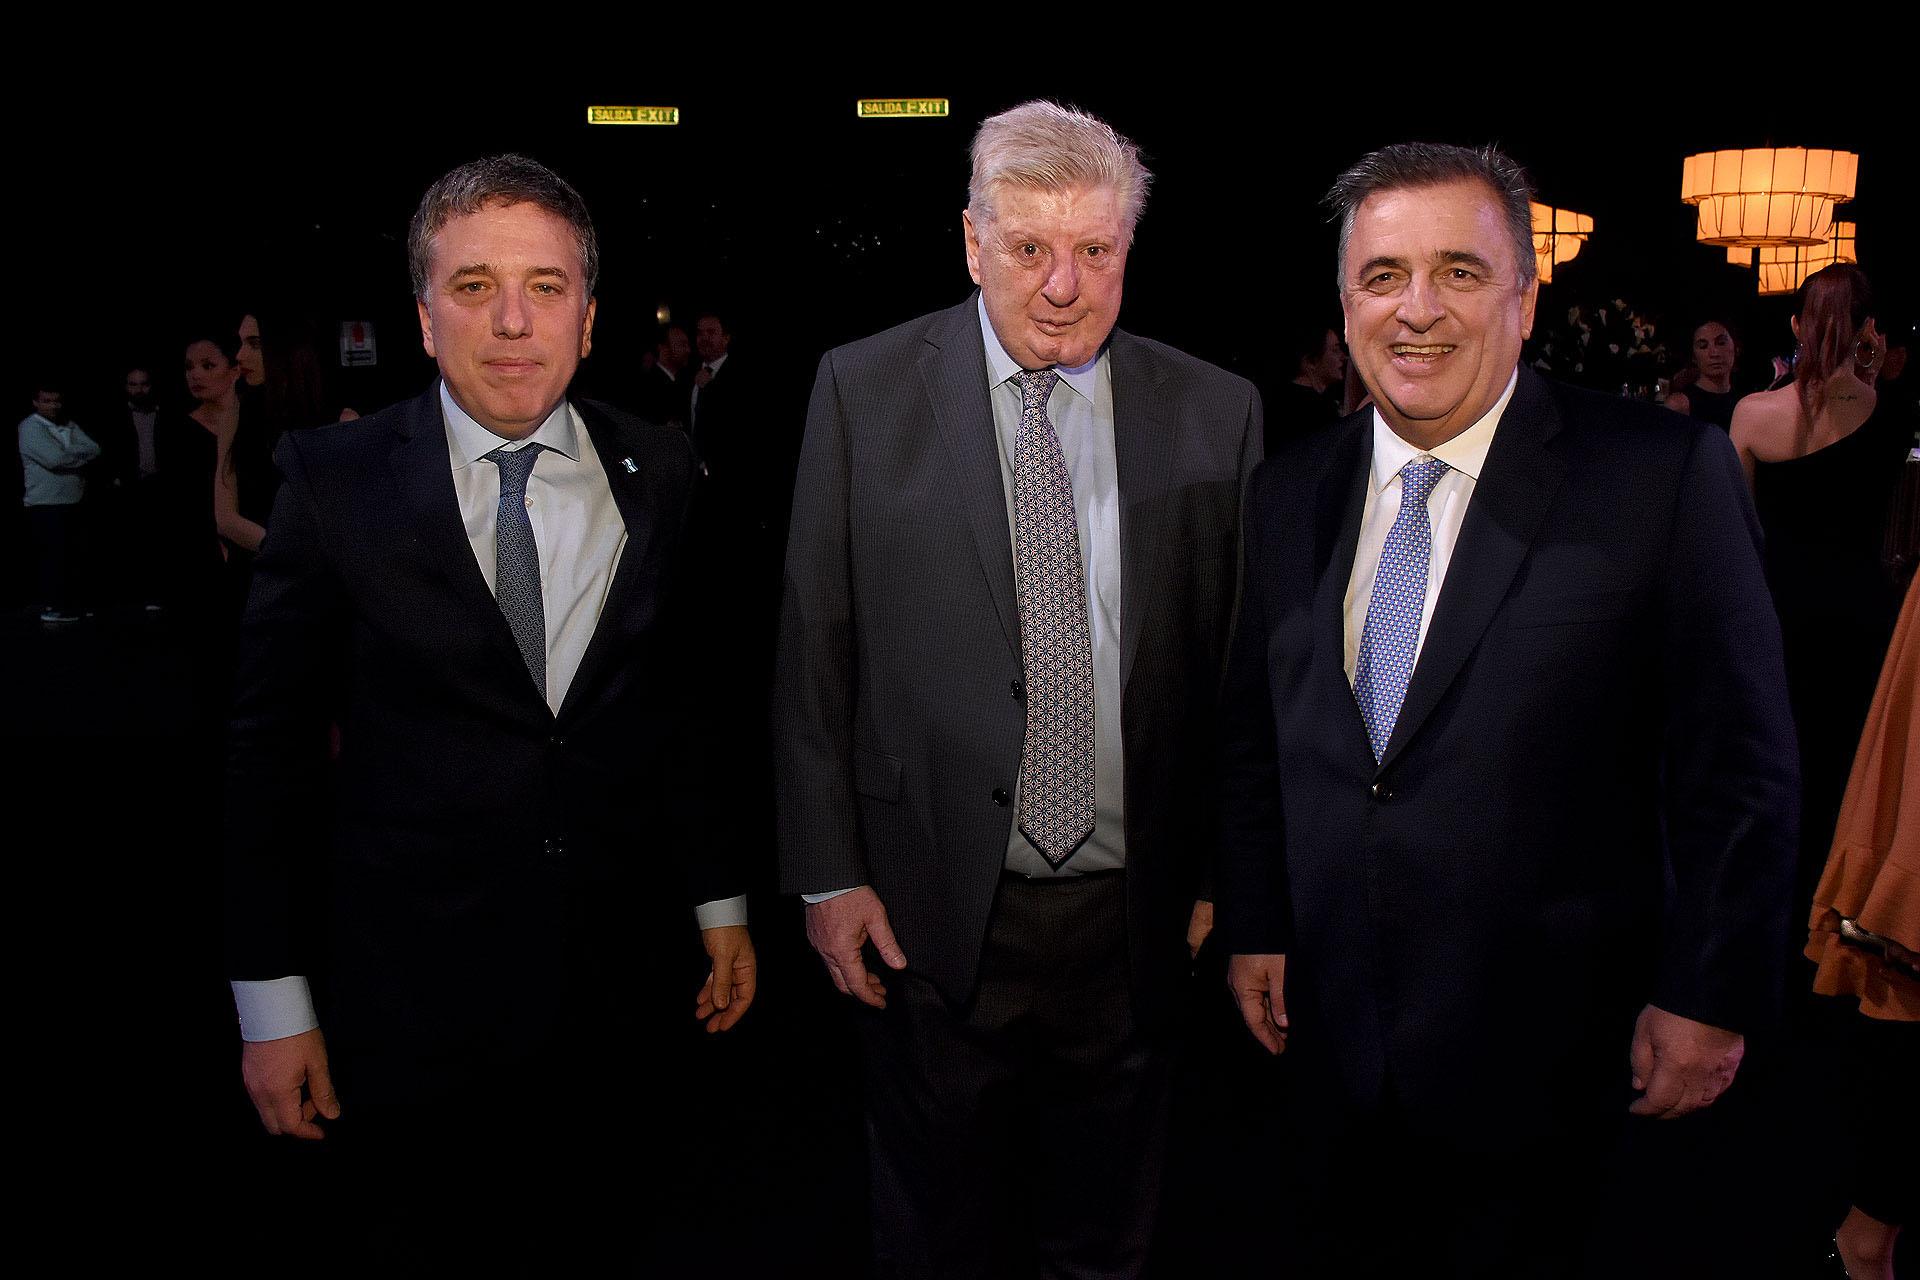 Nicolás Dujovne, Miguel Bein y el diputado Mario Negri